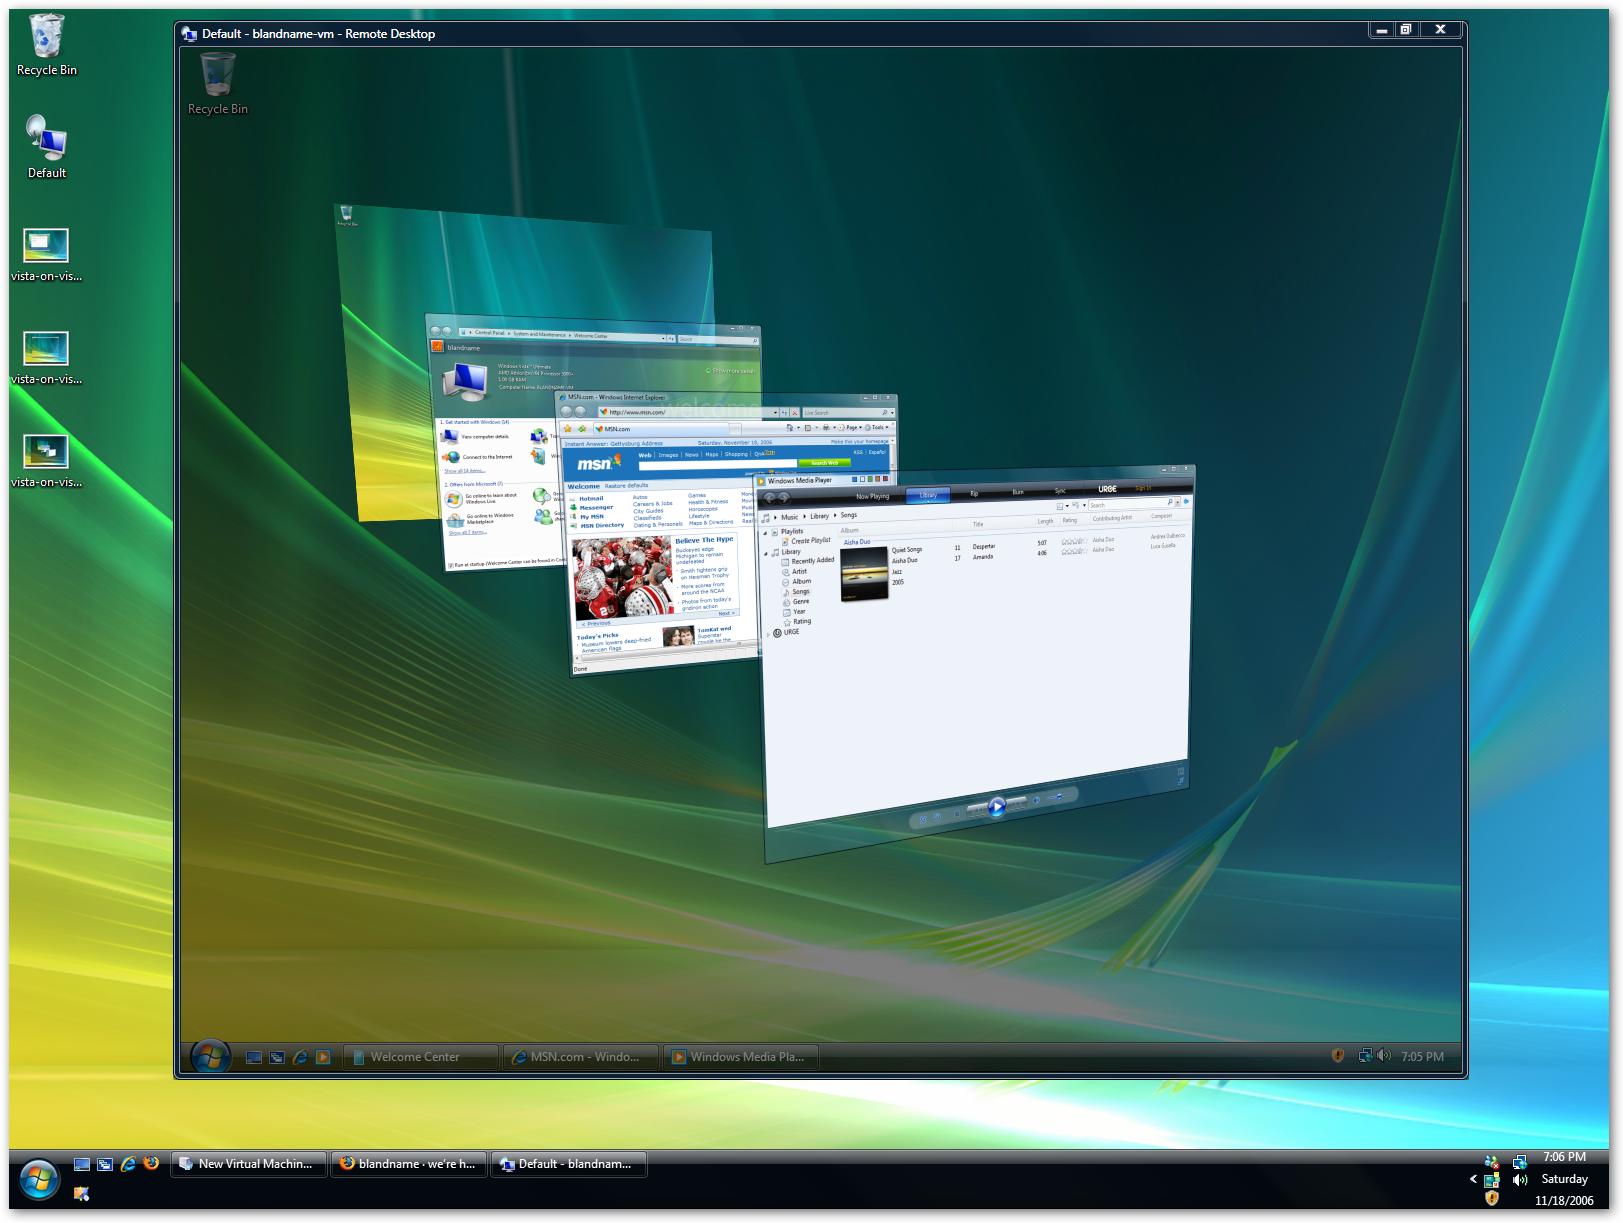 ... microsoft-libera-drivers-de-virtualizacion